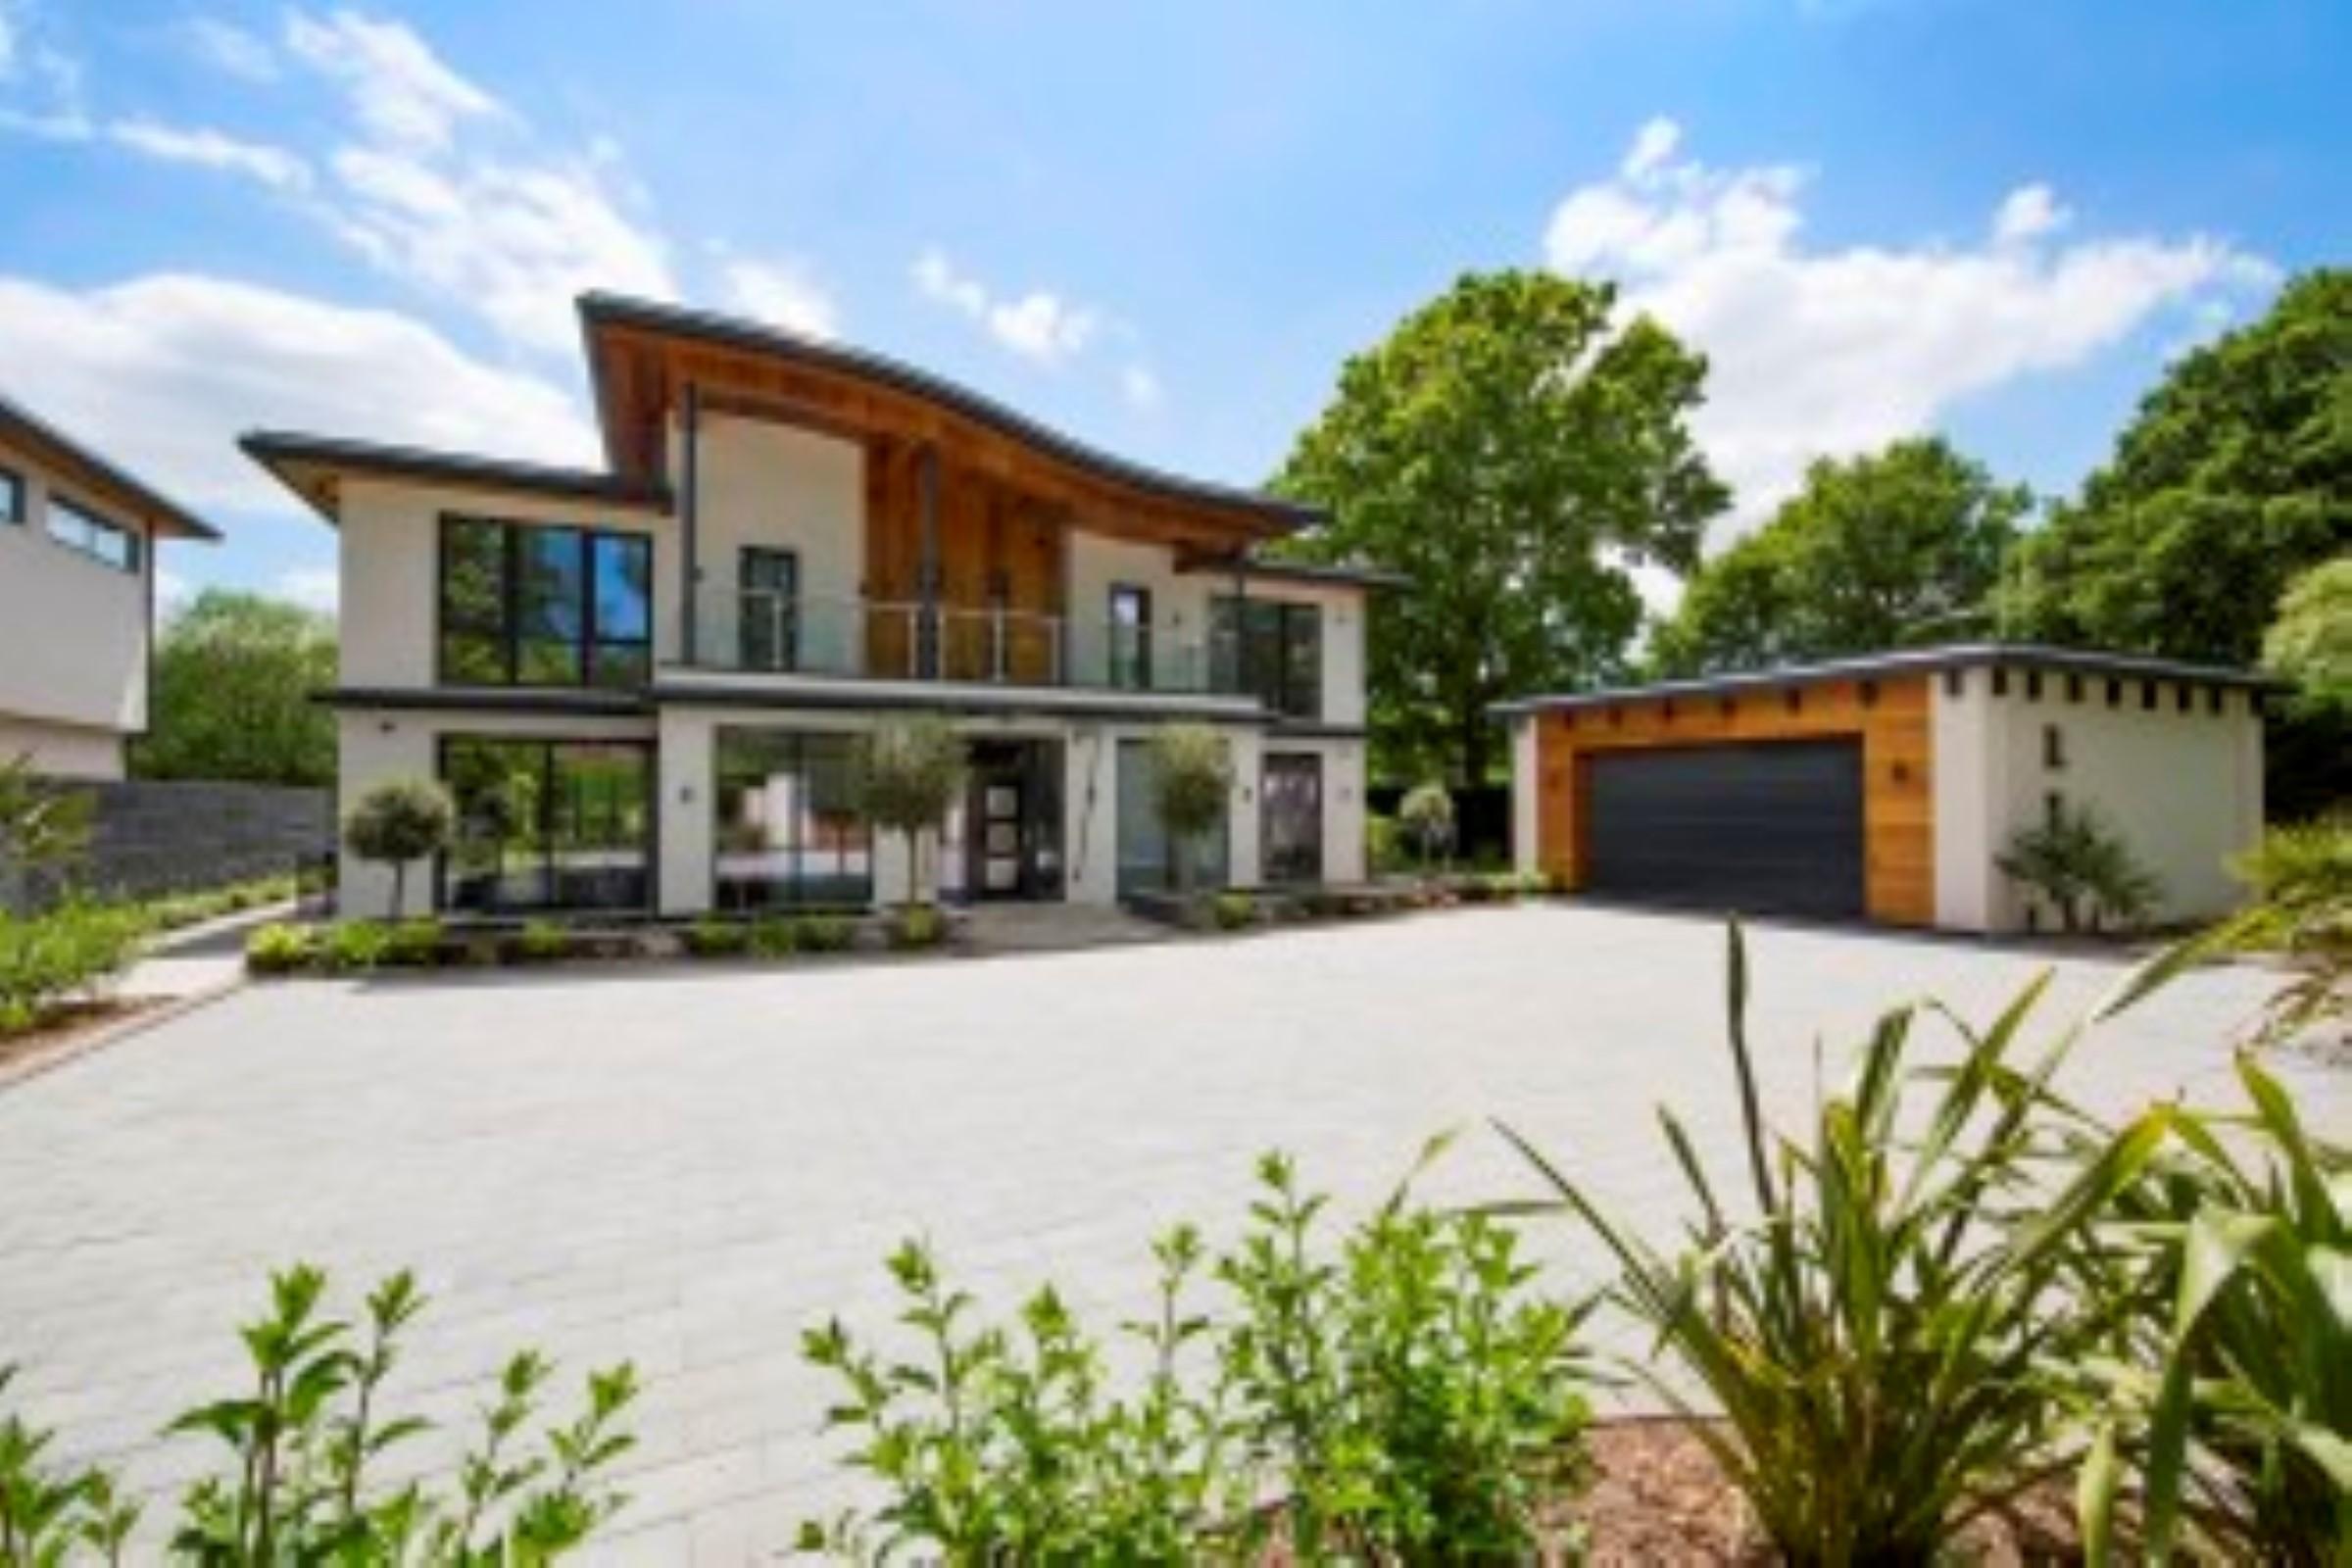 Частный односемейный дом для того Продажа на Kingswood Sandy Lane Kingswood, Англия, KT206NE Великобритания